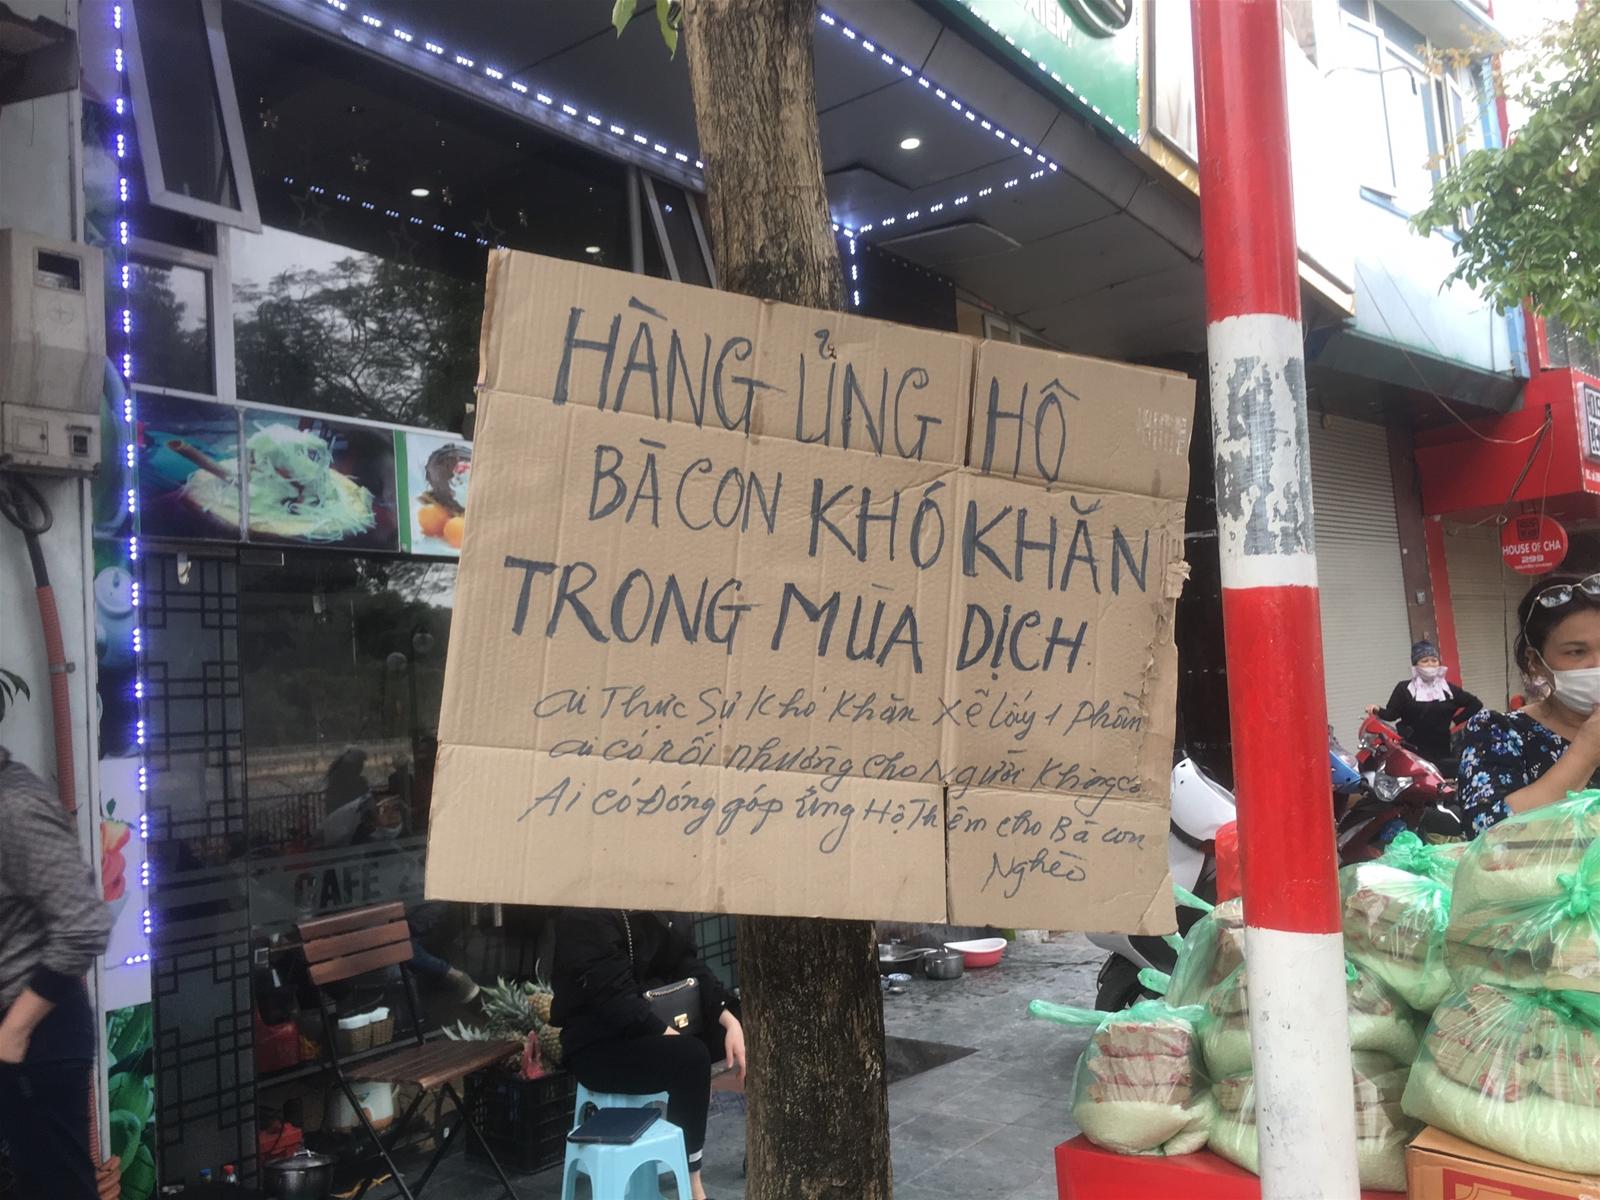 Hà Nội: Ấm lòng những điểm phát quà miễn phí